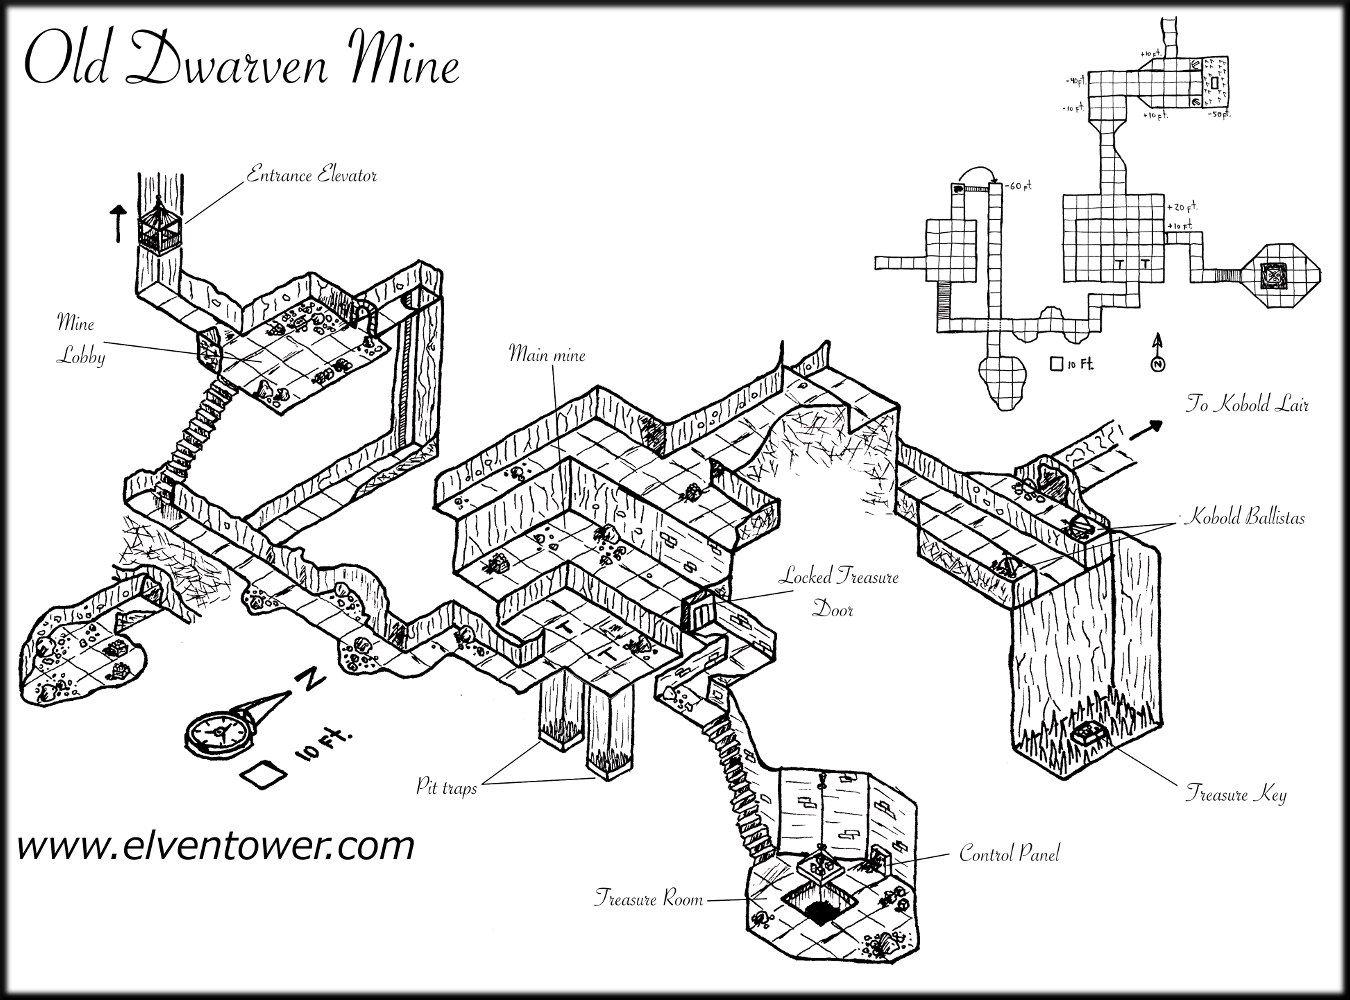 Map 36 Old Dwarven Mine